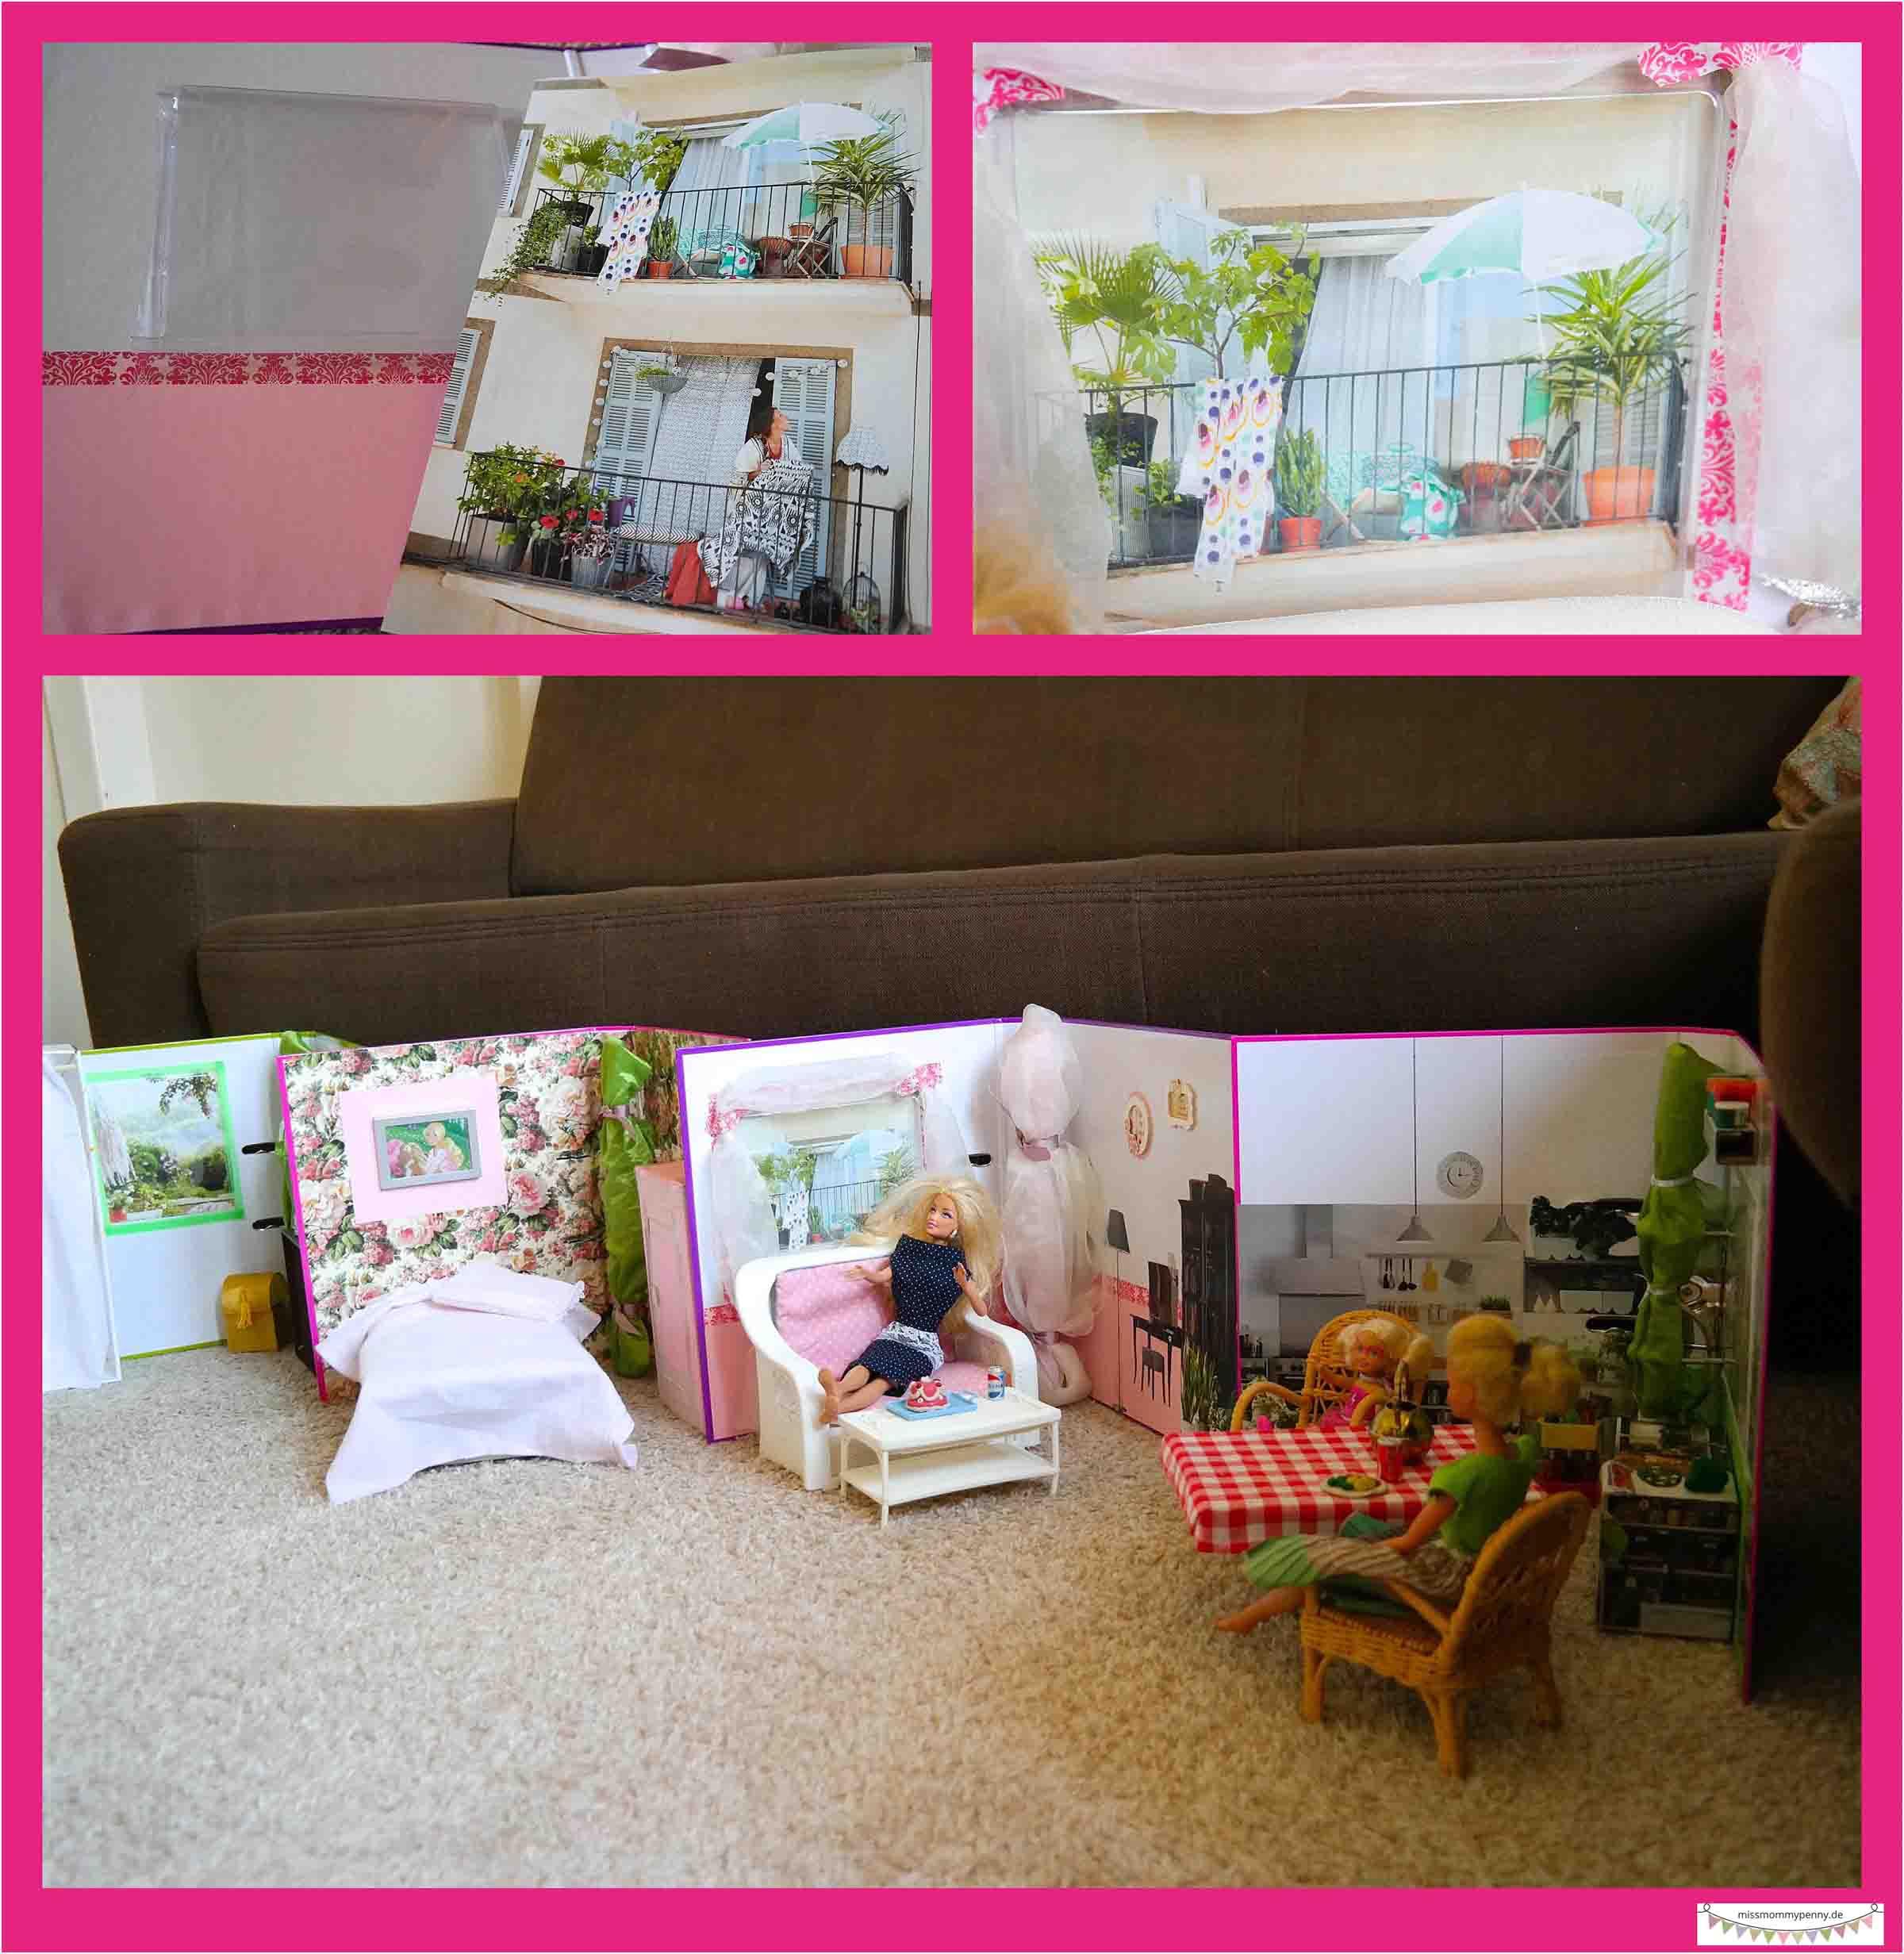 vom pappordner zum penthouse missmommypenny. Black Bedroom Furniture Sets. Home Design Ideas